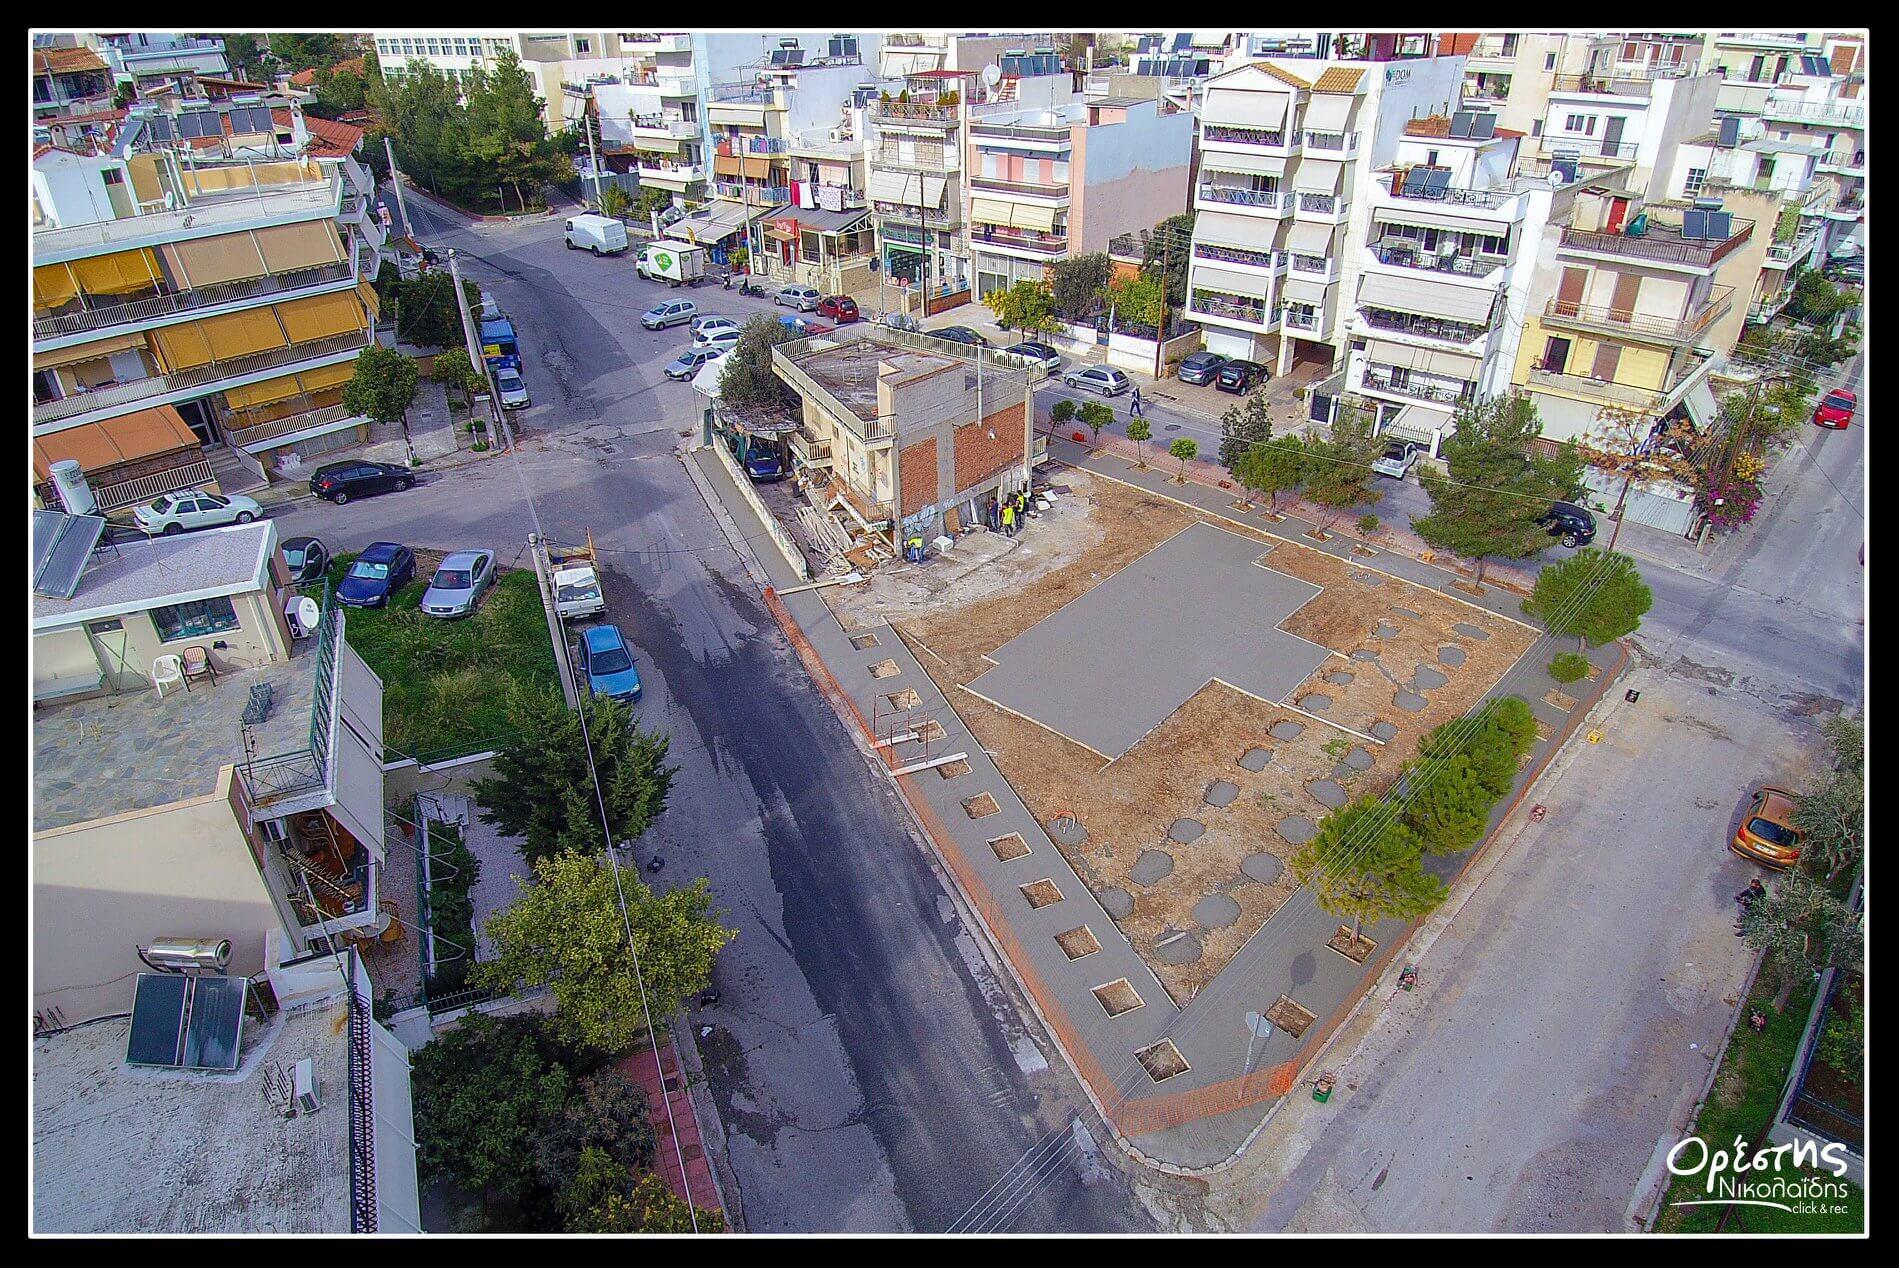 Νίκαια : Νέα πλατεία δημιουργείται στην Άνω Νεάπολη